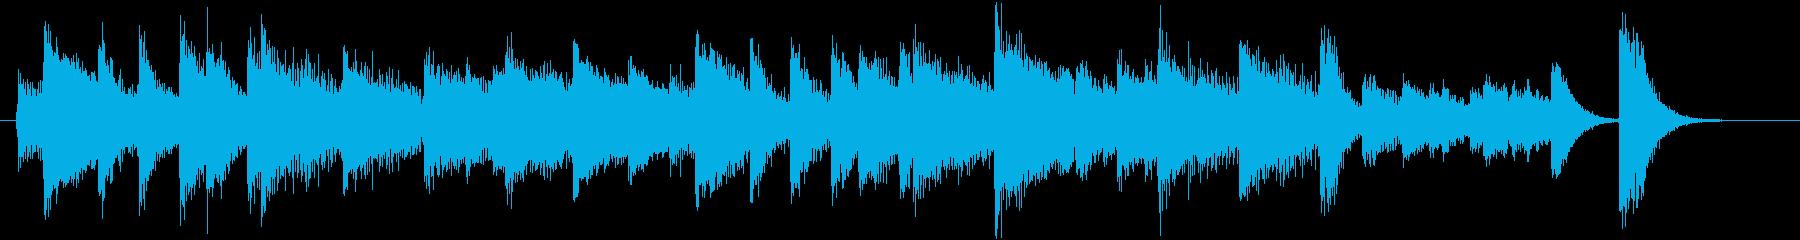 Xmasに♪世界に告げよピアノジングルDの再生済みの波形